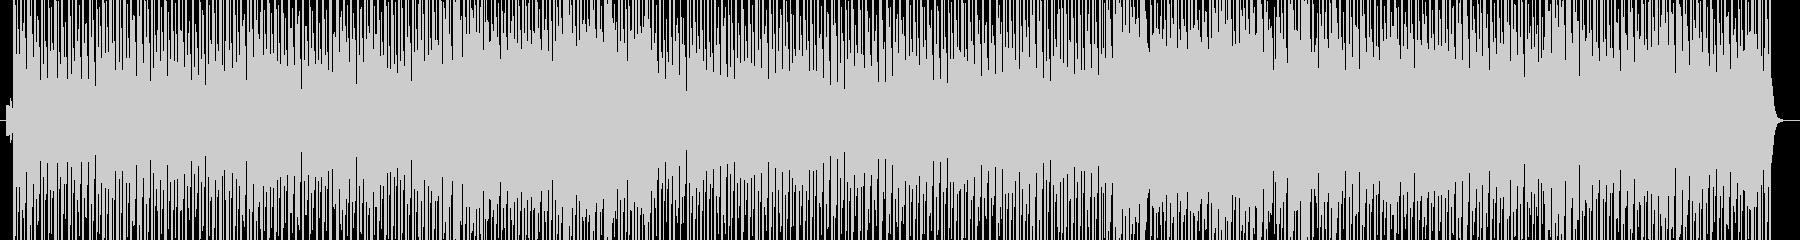 チップチューンっぽい曲ですの未再生の波形